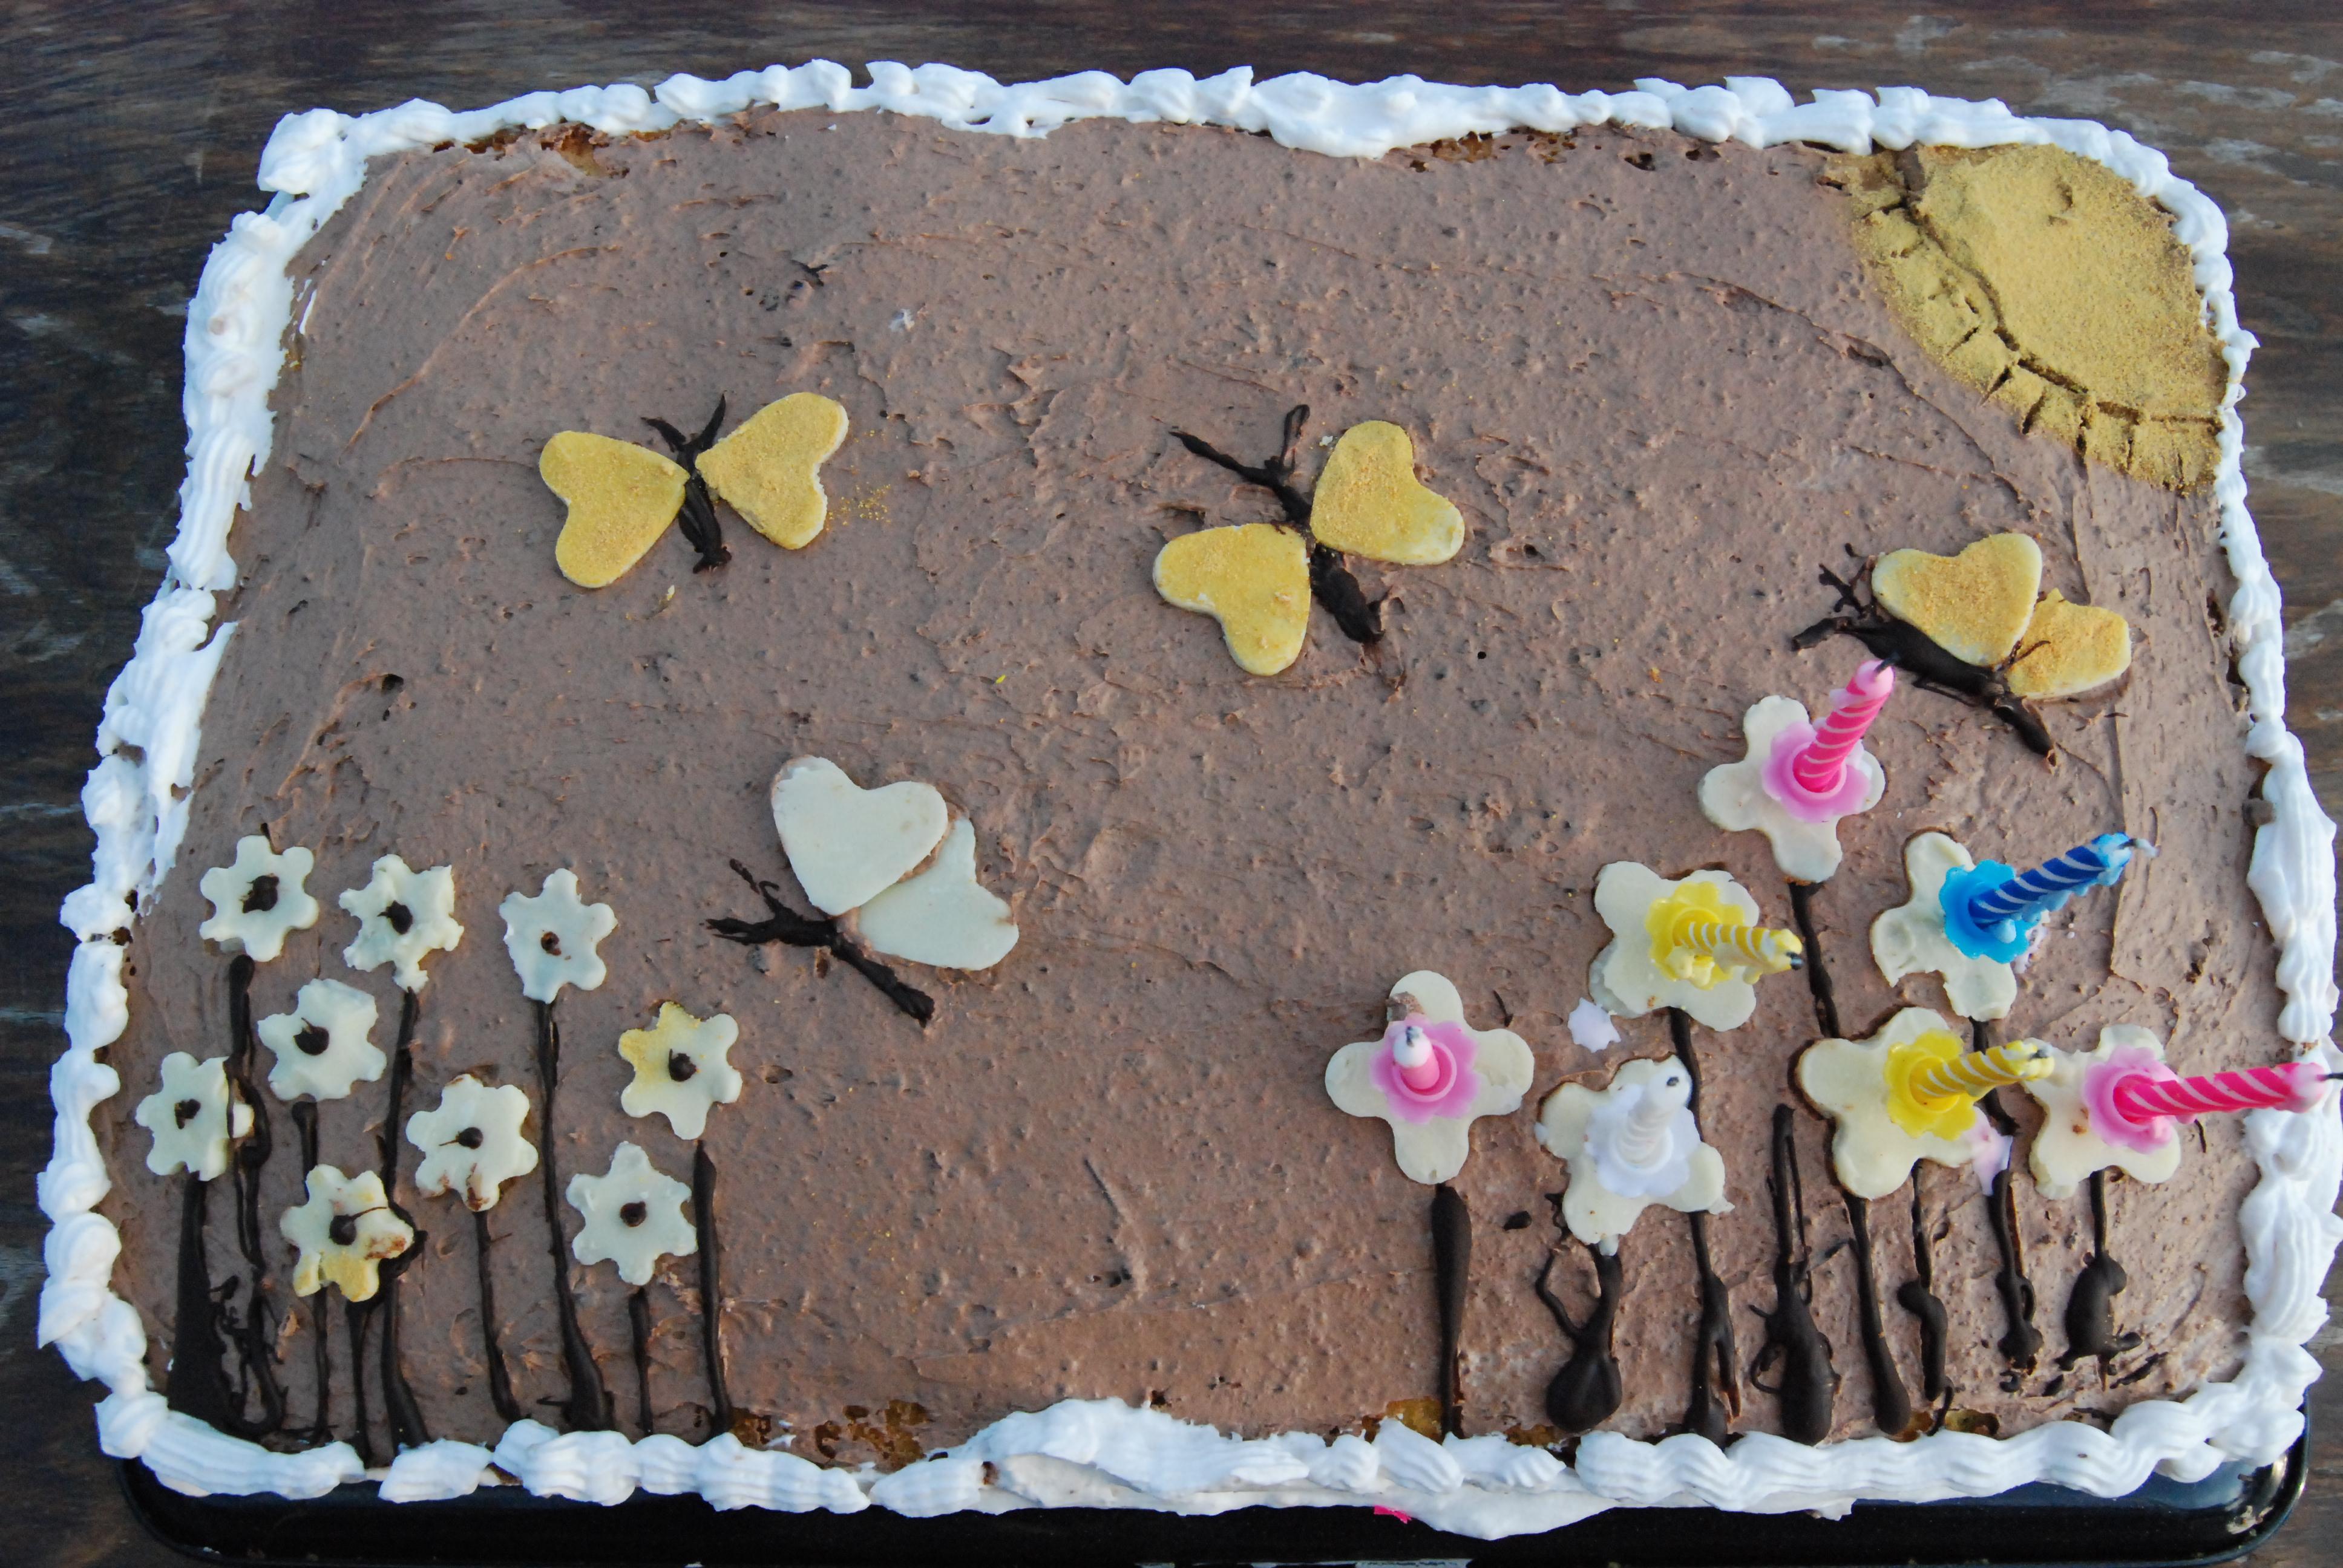 FileGrandmas Birthday Cake For Granddaughter